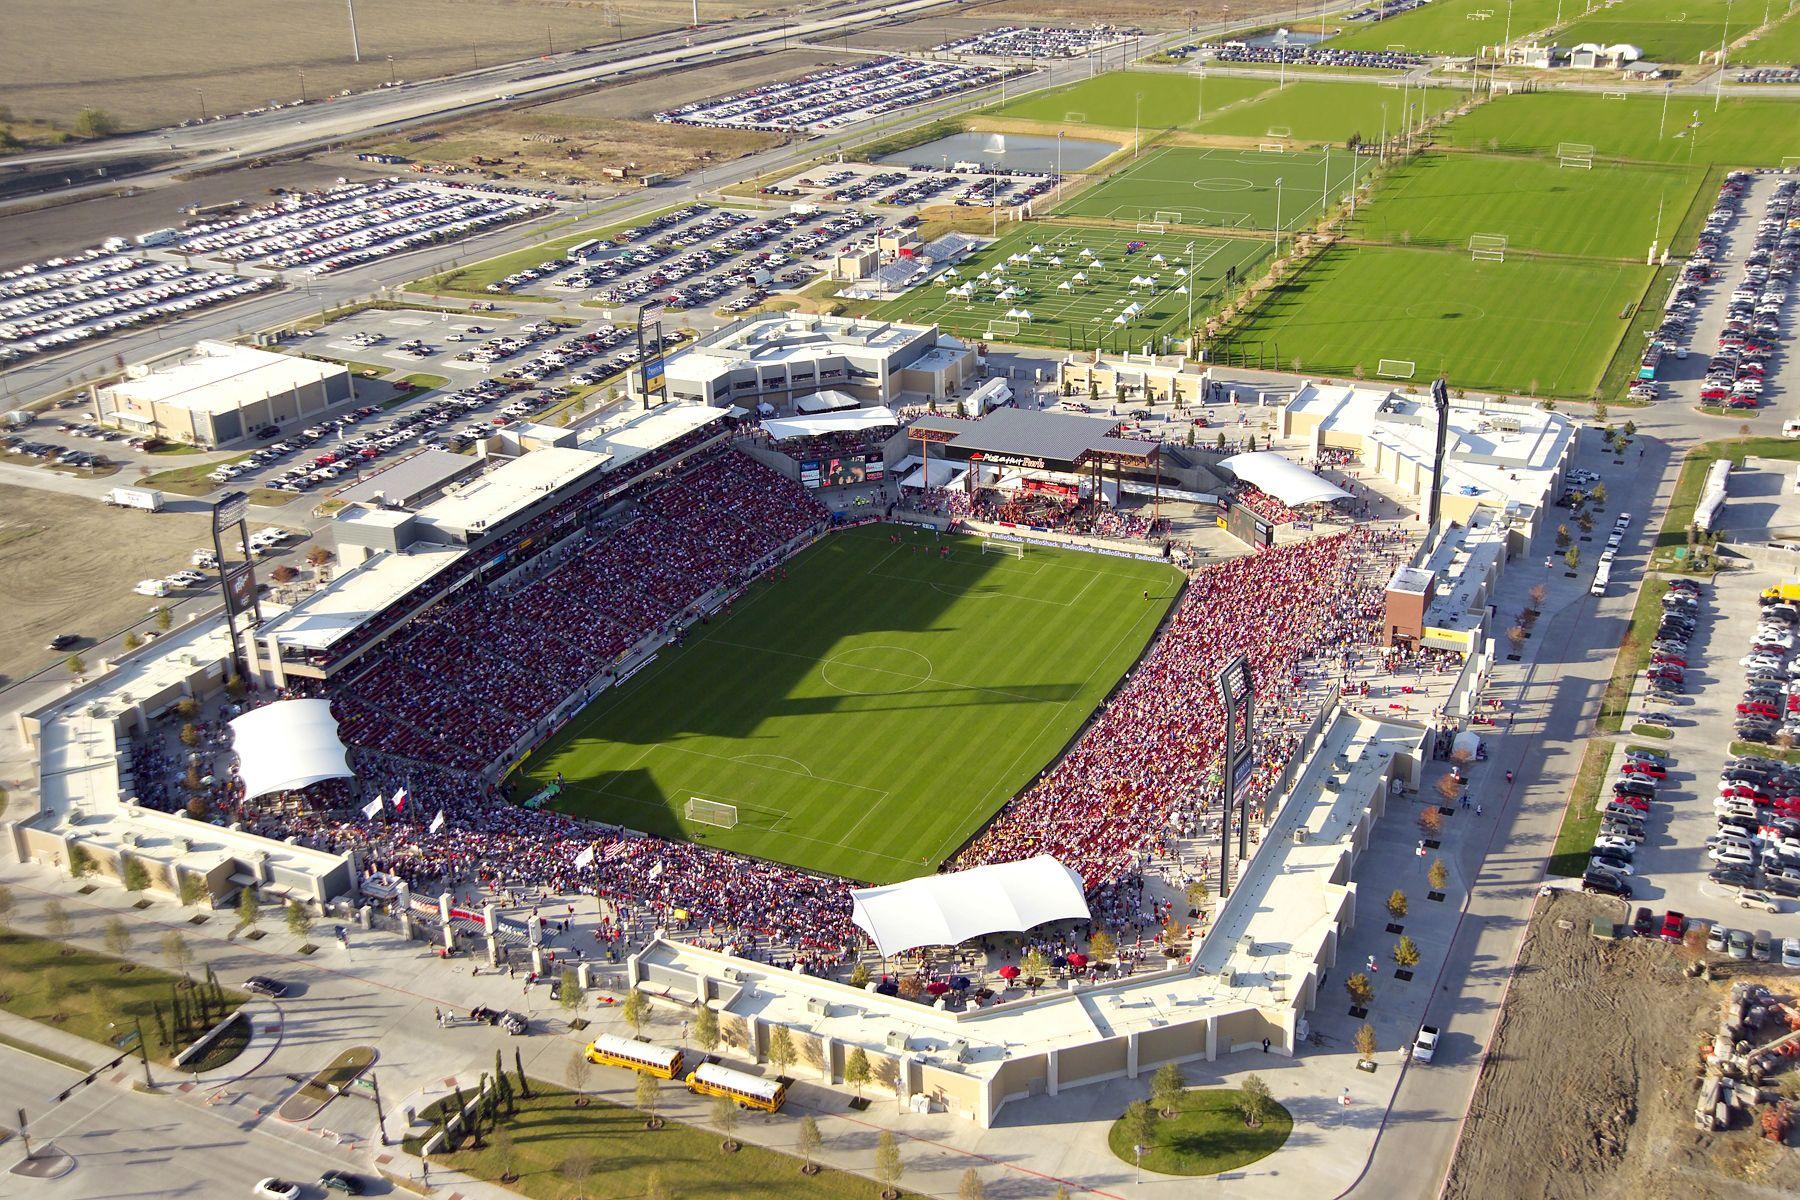 Pin On Stadiums